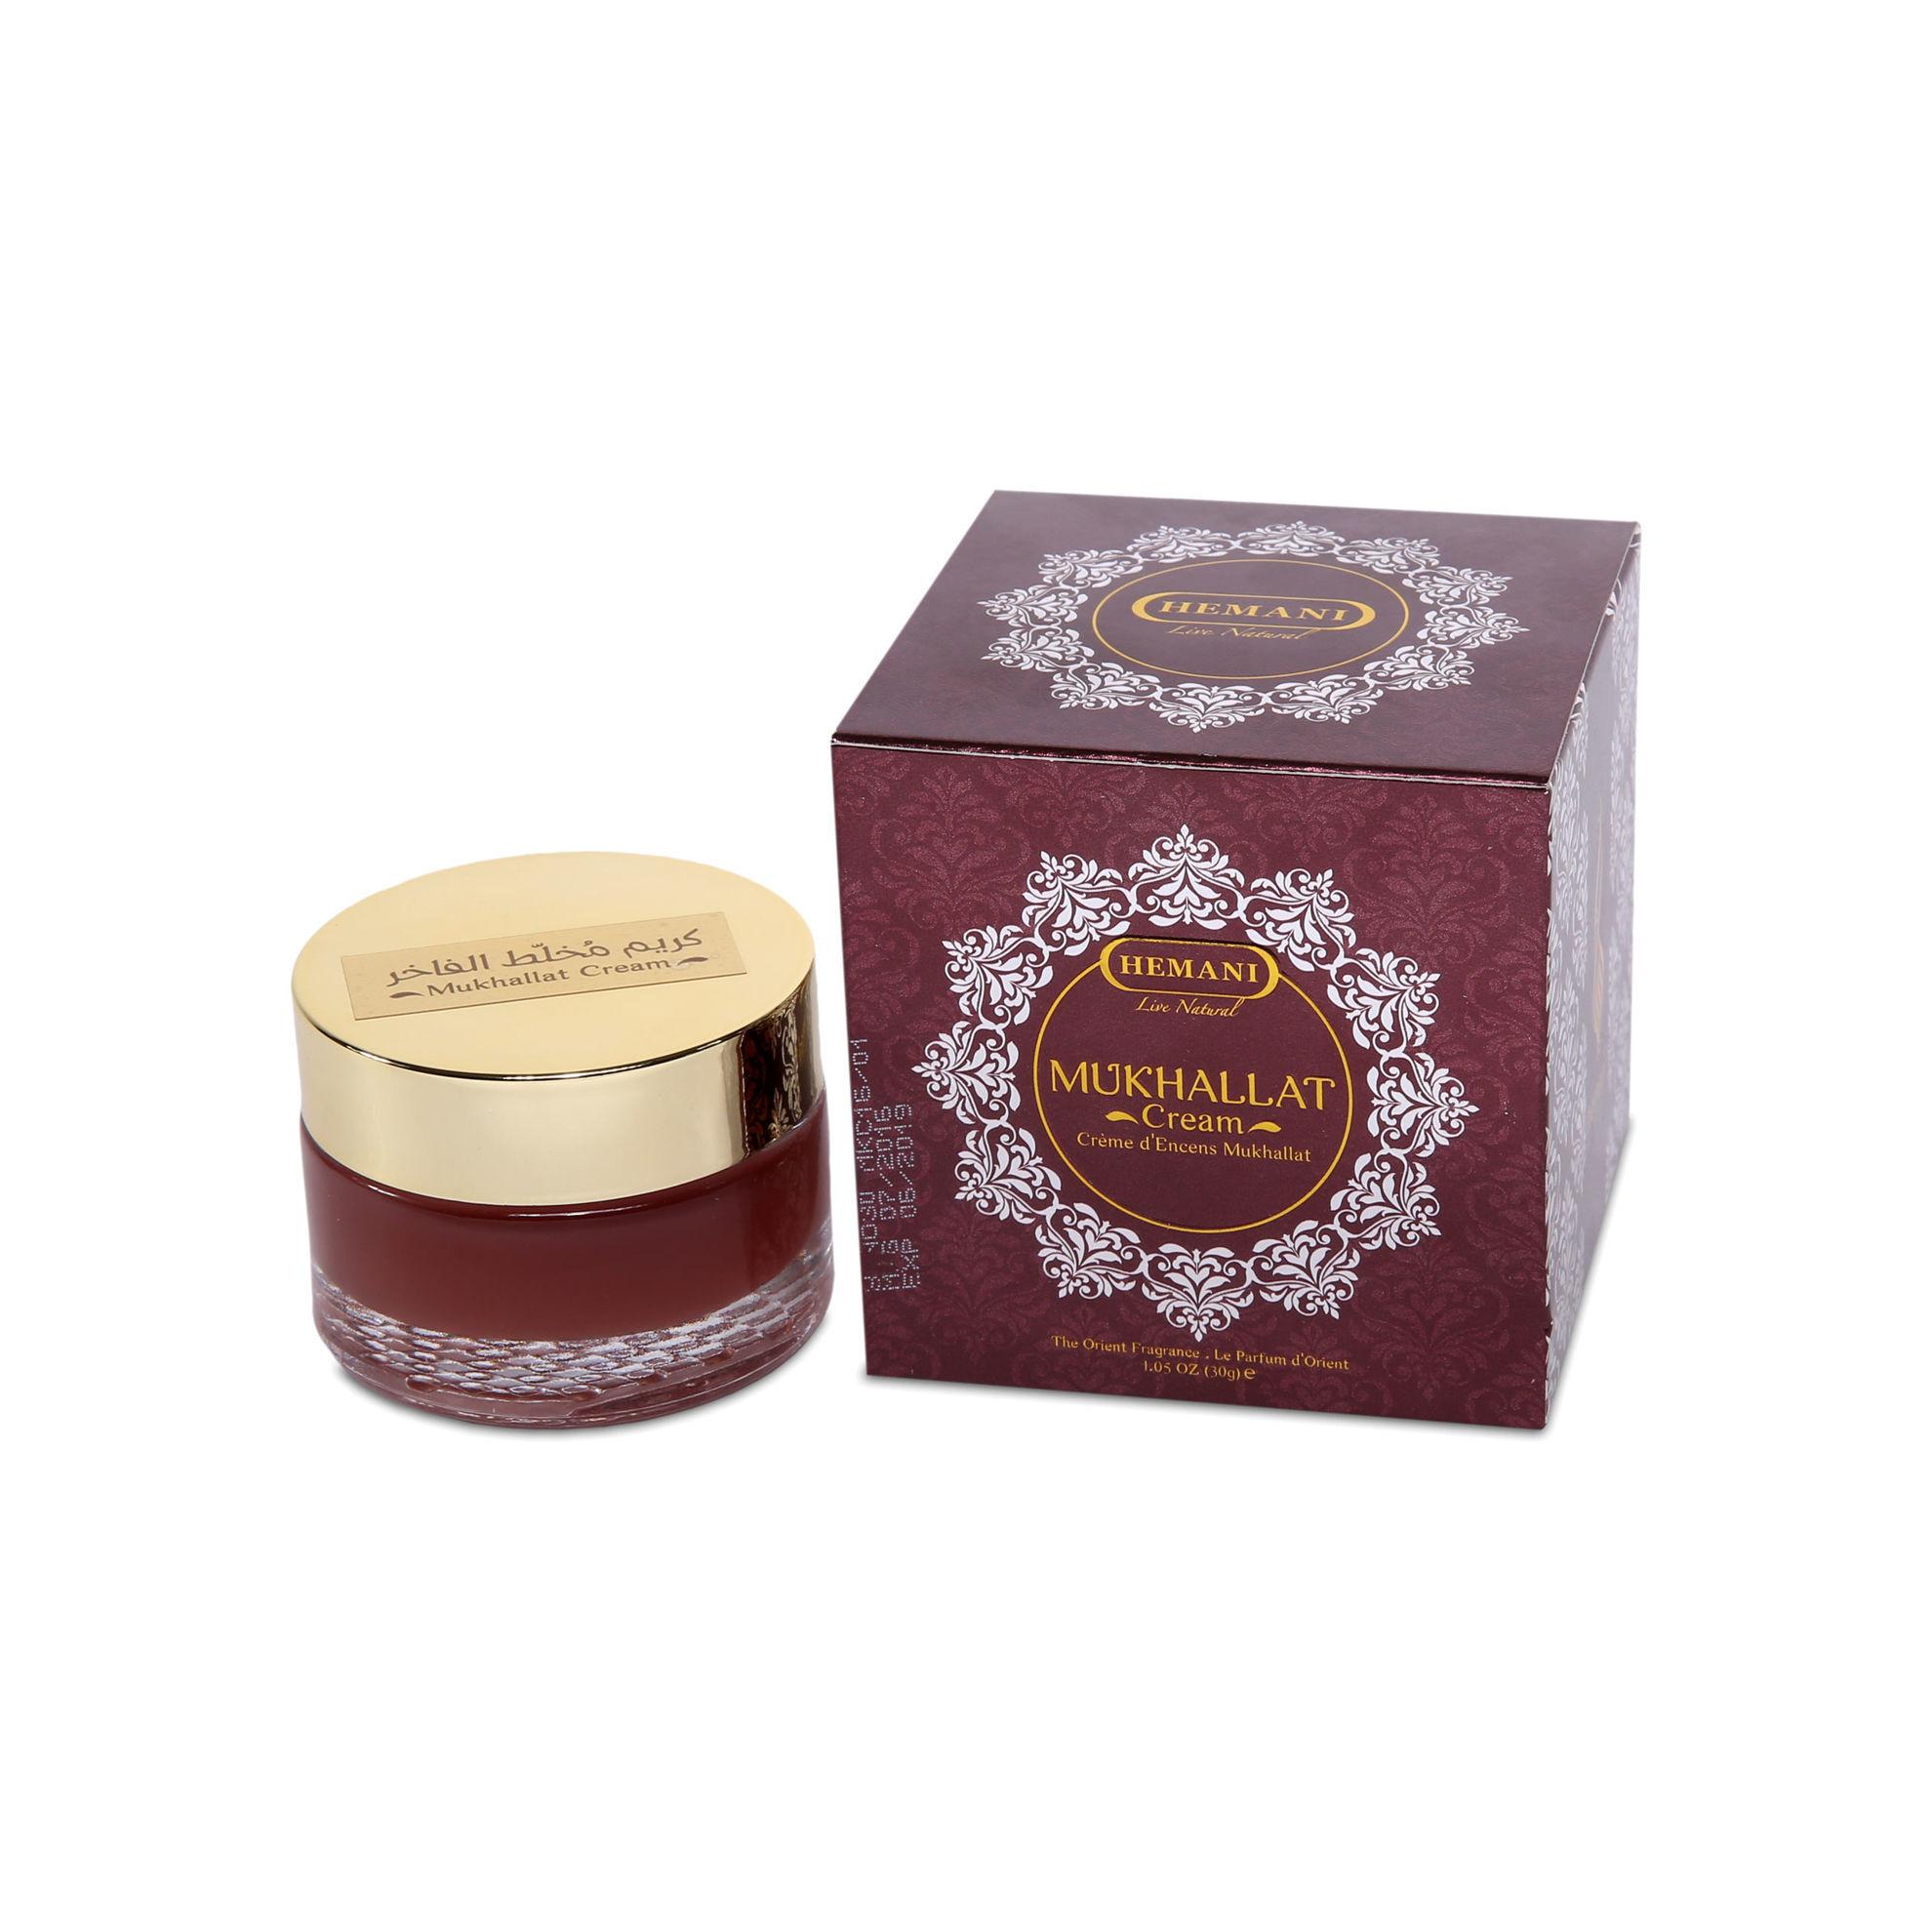 Hemani Mukhallat perfume cream